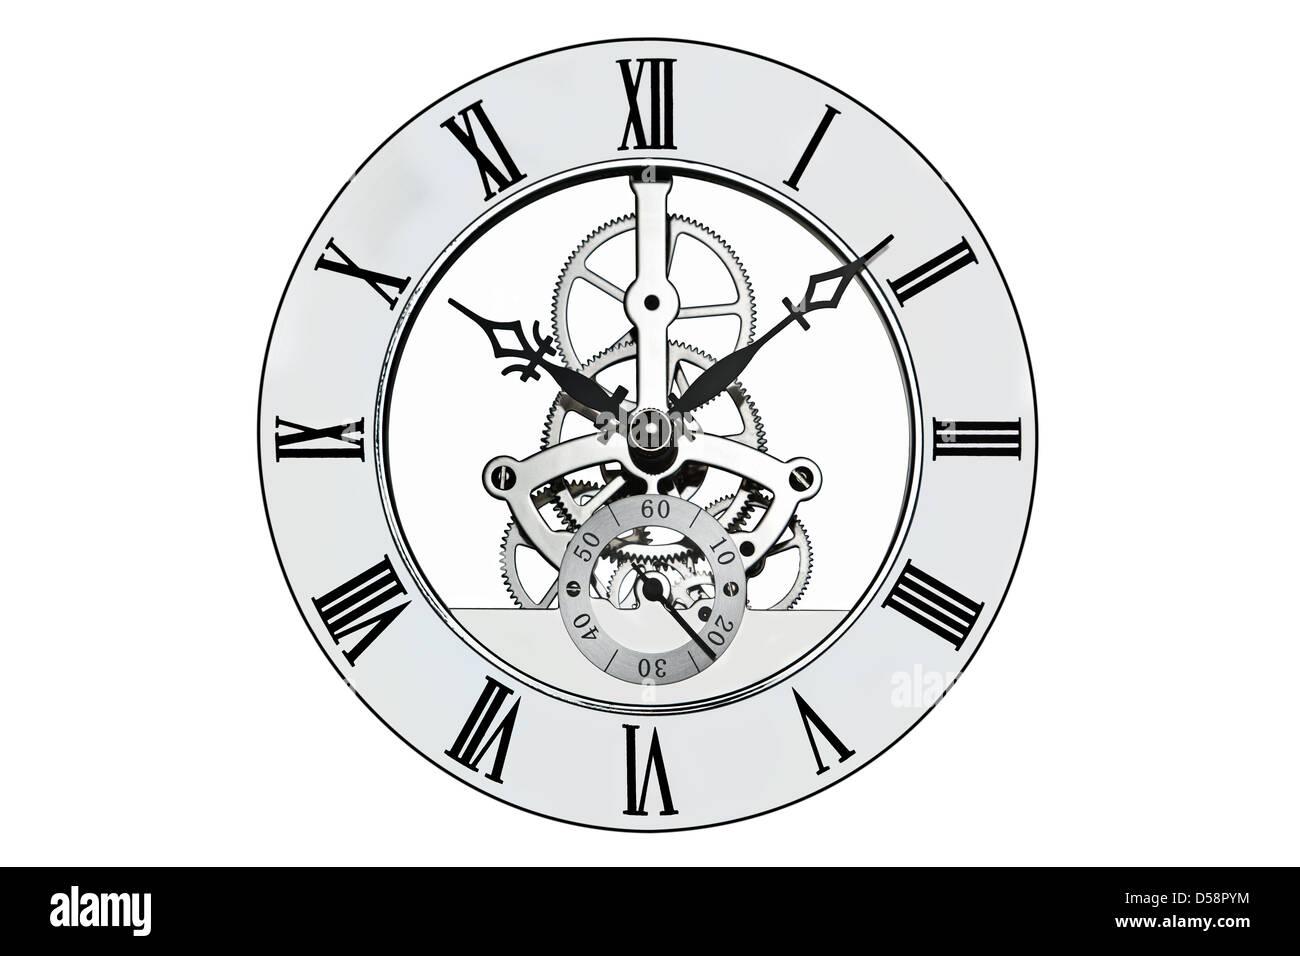 Horloge squelette avec chiffres romains isolé sur un fond blanc. Chemin de découpe fourni pour la face Photo Stock